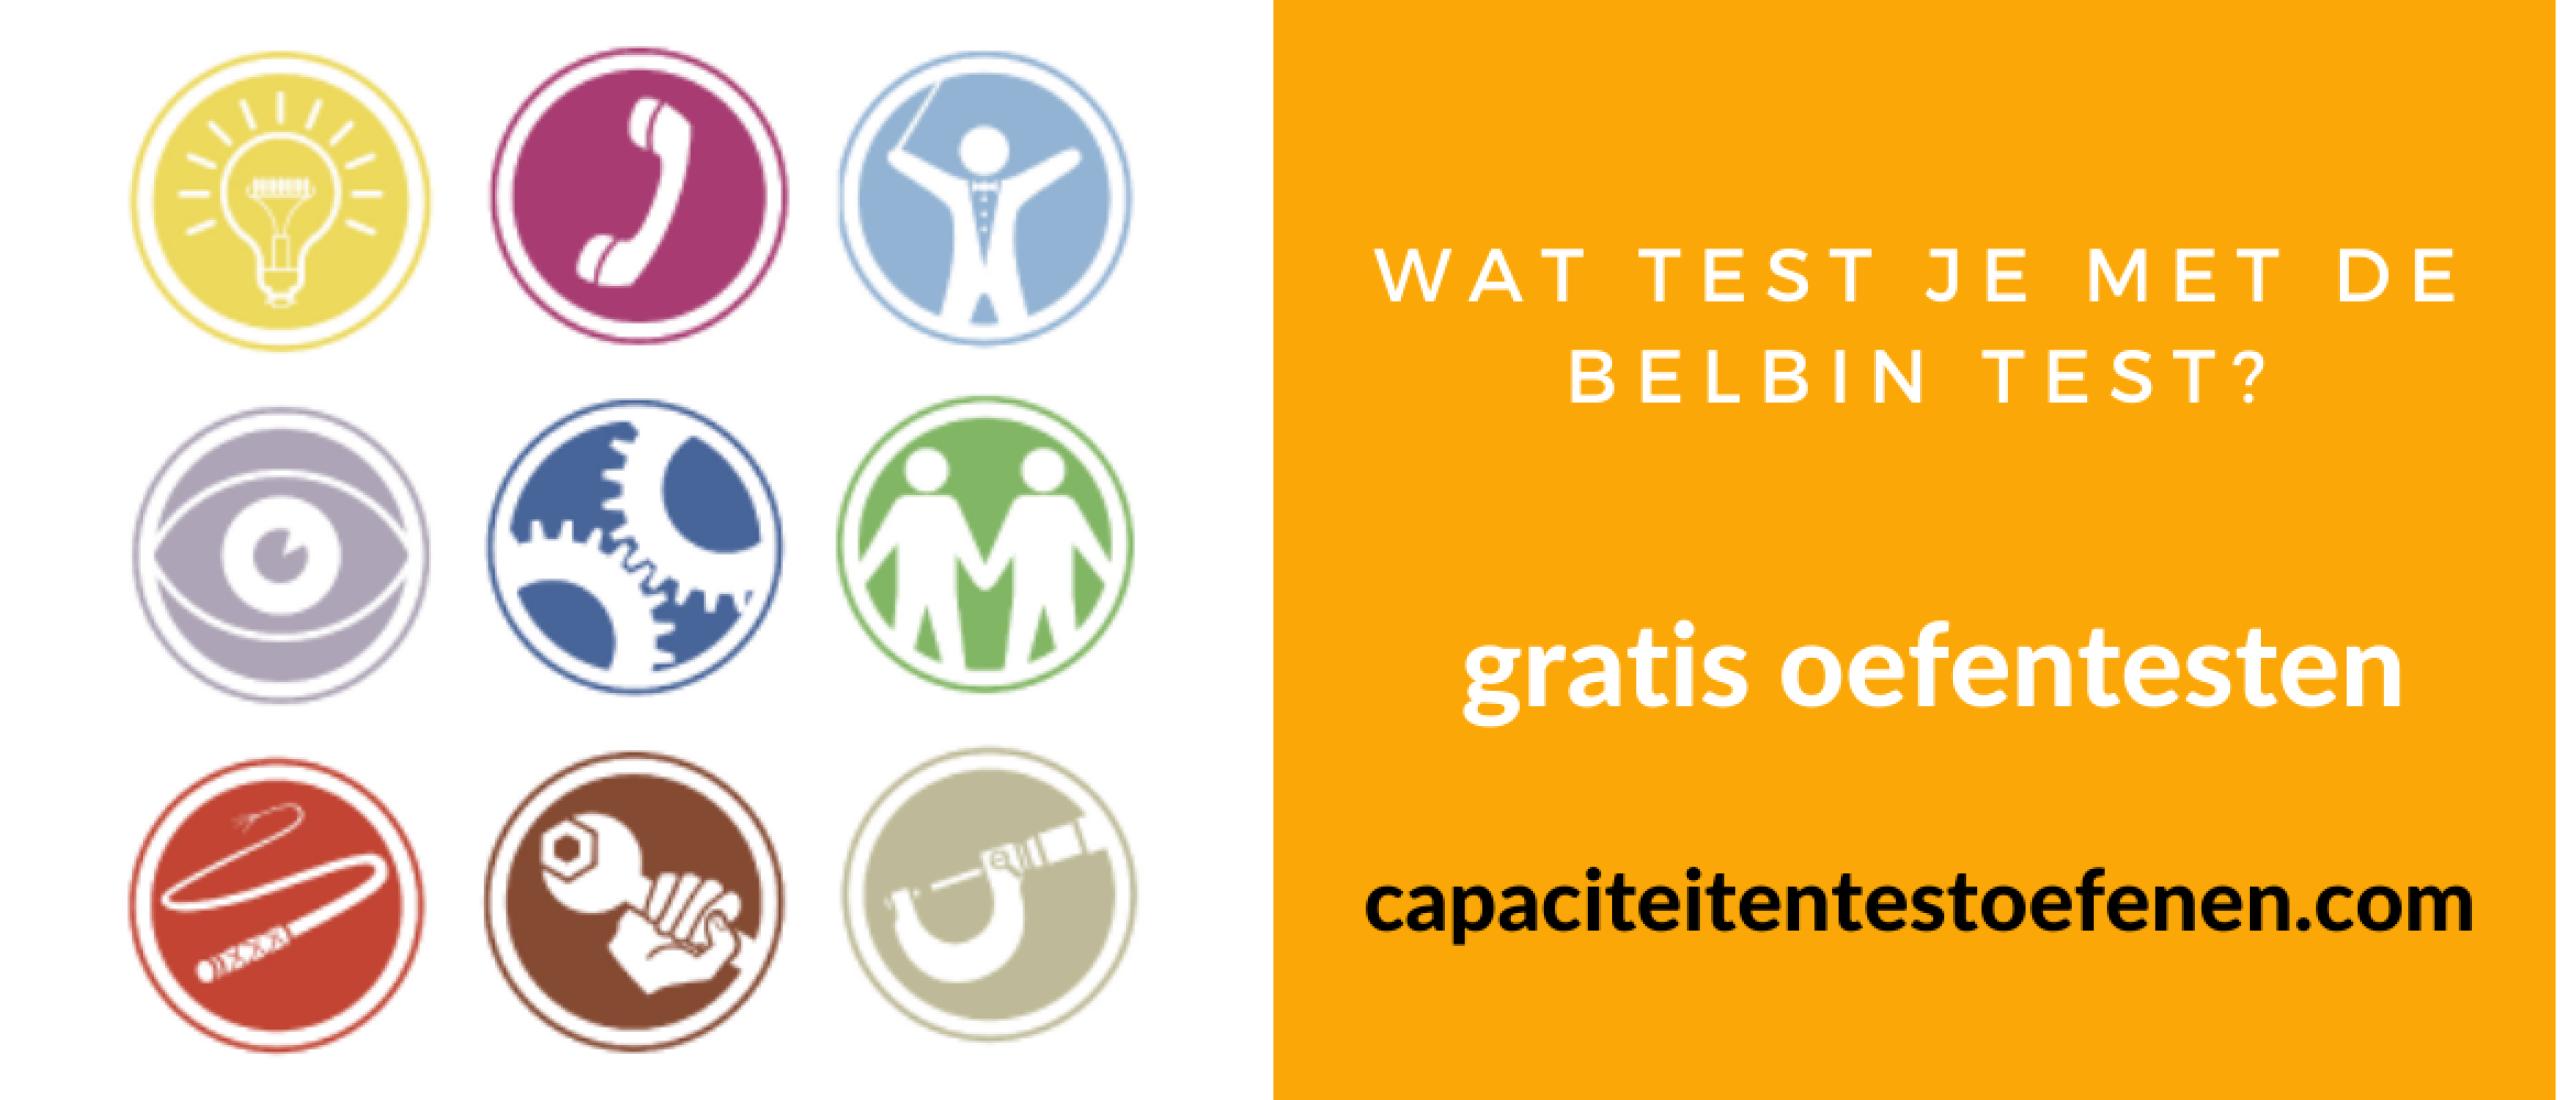 Wat test je met de Belbin test?